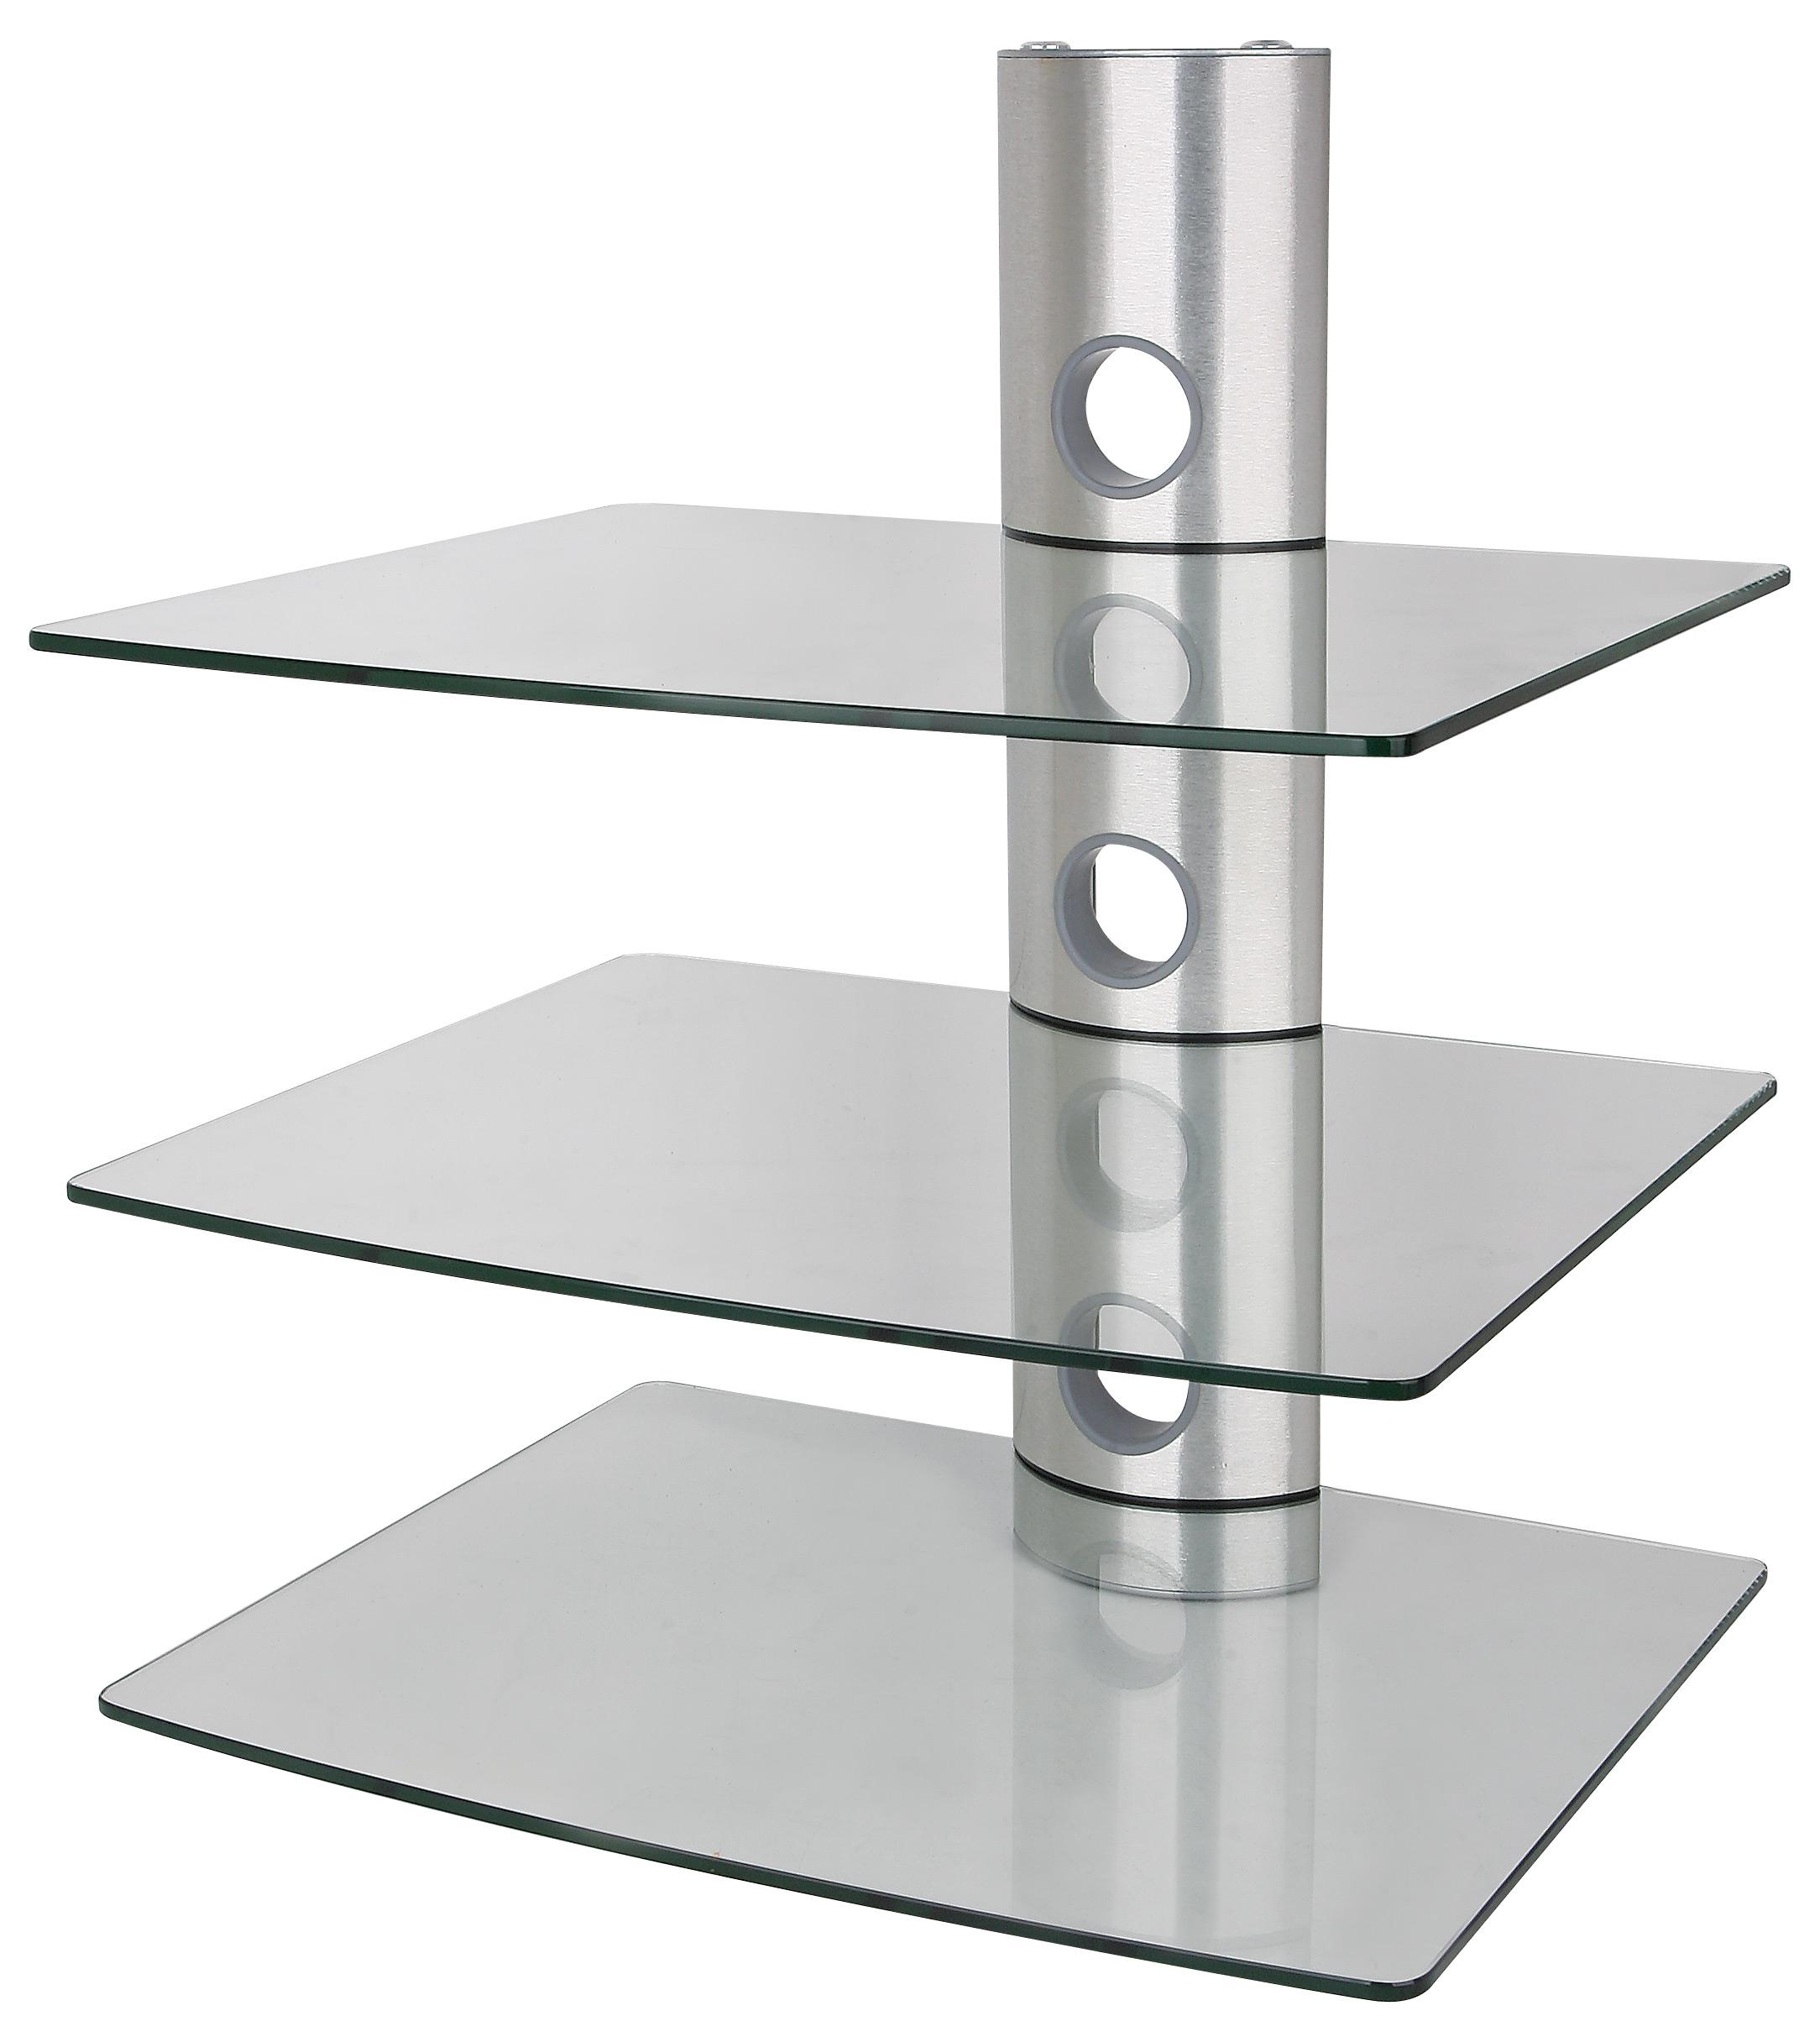 Luxusní nástěnná police čiré sklo, leštěnný hliník, 3 police, nosnost 30kg - ErgoSolid Ardea 3C